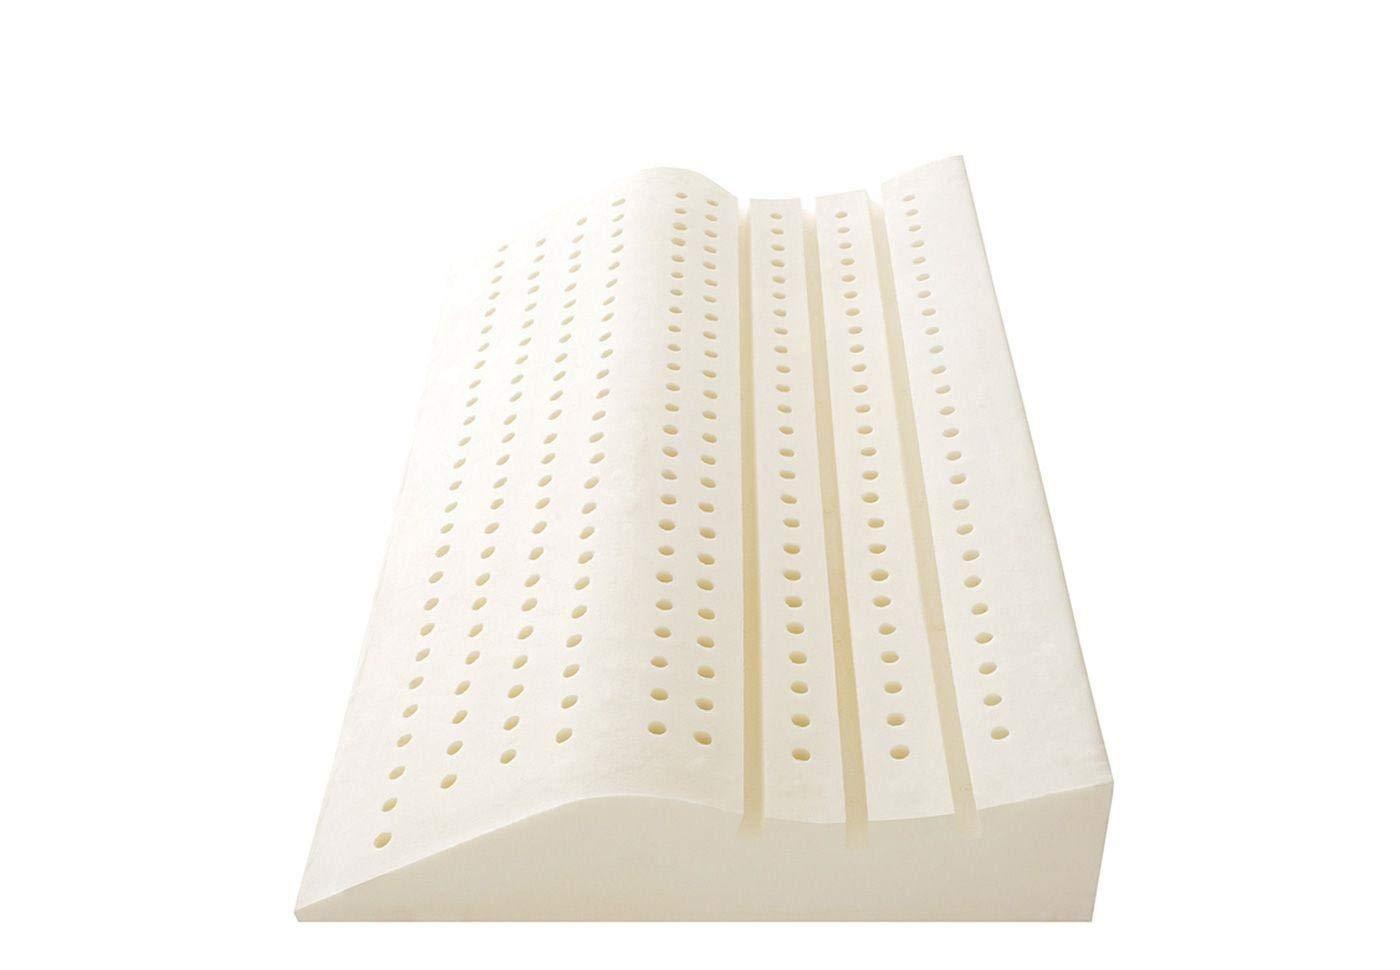 【正規品】Sealy(シーリー) 枕 アナトミックホワイト 幅65cm ラテックスピロー カバー洗濯可 B07L3NVCM8  アナトミック